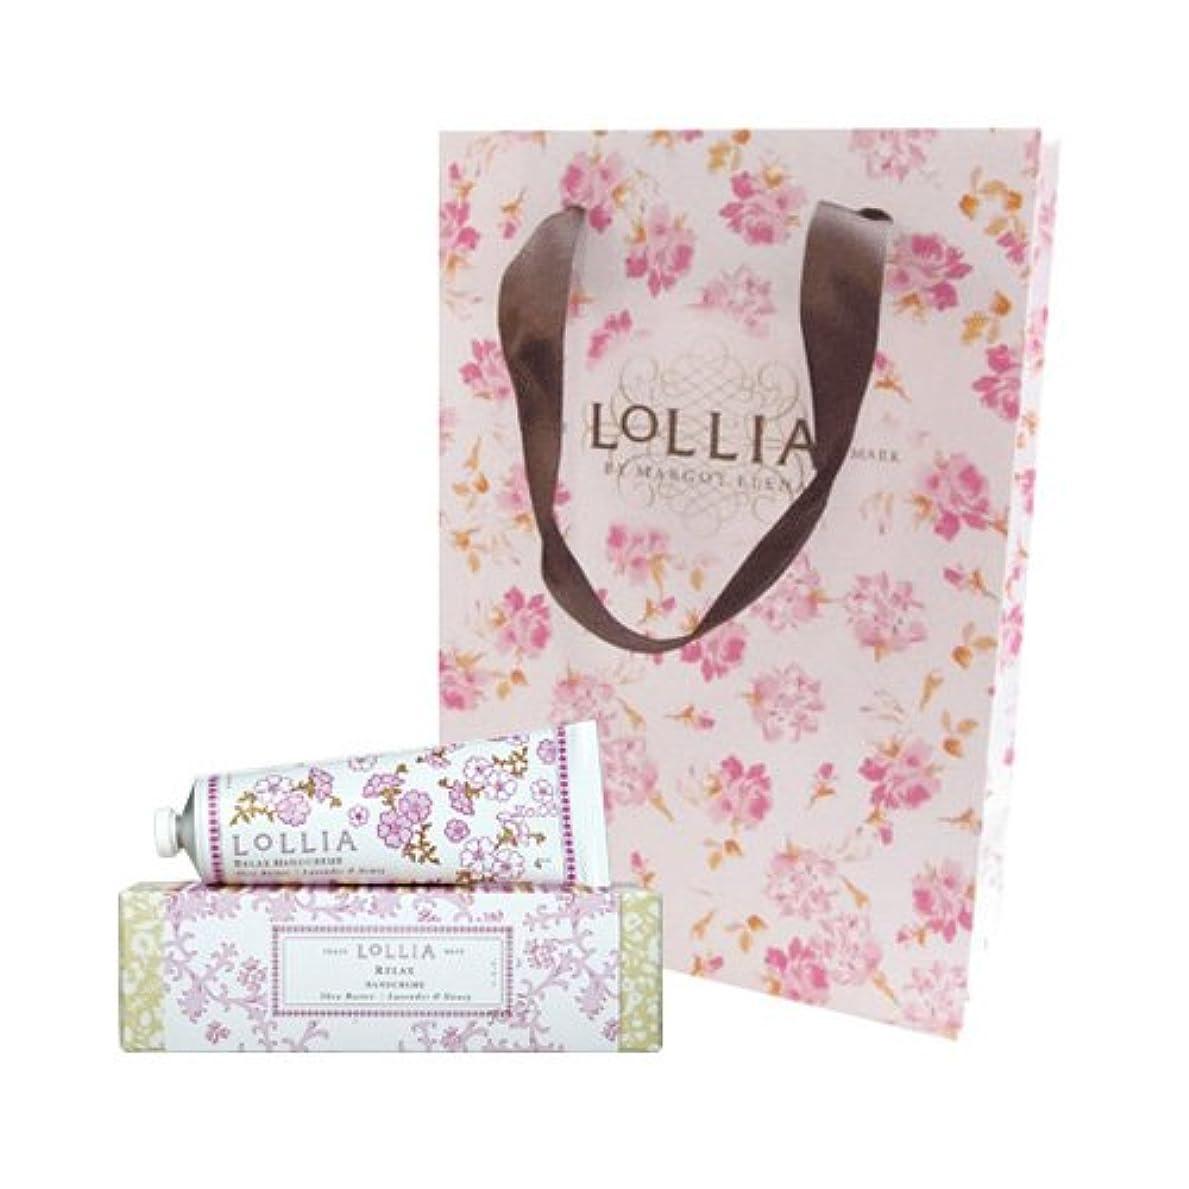 に勝る不十分奪うロリア(LoLLIA) ハンドクリーム Relax 35g (蘭、ラベンダー、バニラとハニーの甘い香り) ショッパー付